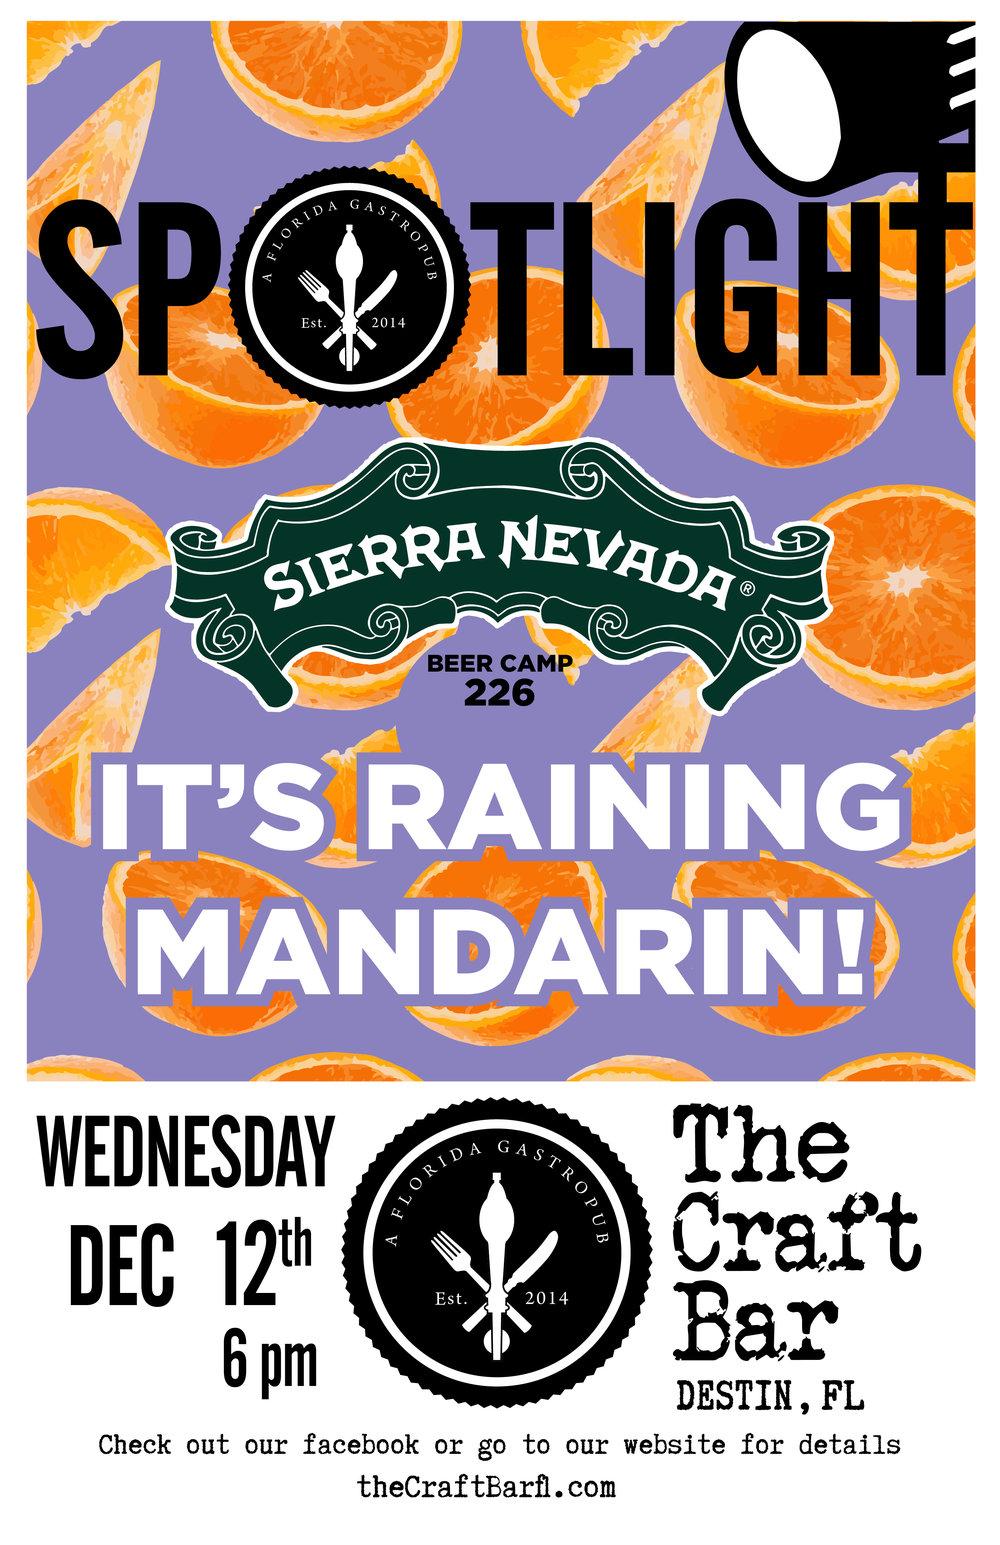 Spotlight - Sierra Nevada Raining Mandarin - DESTIN - Poster.jpg